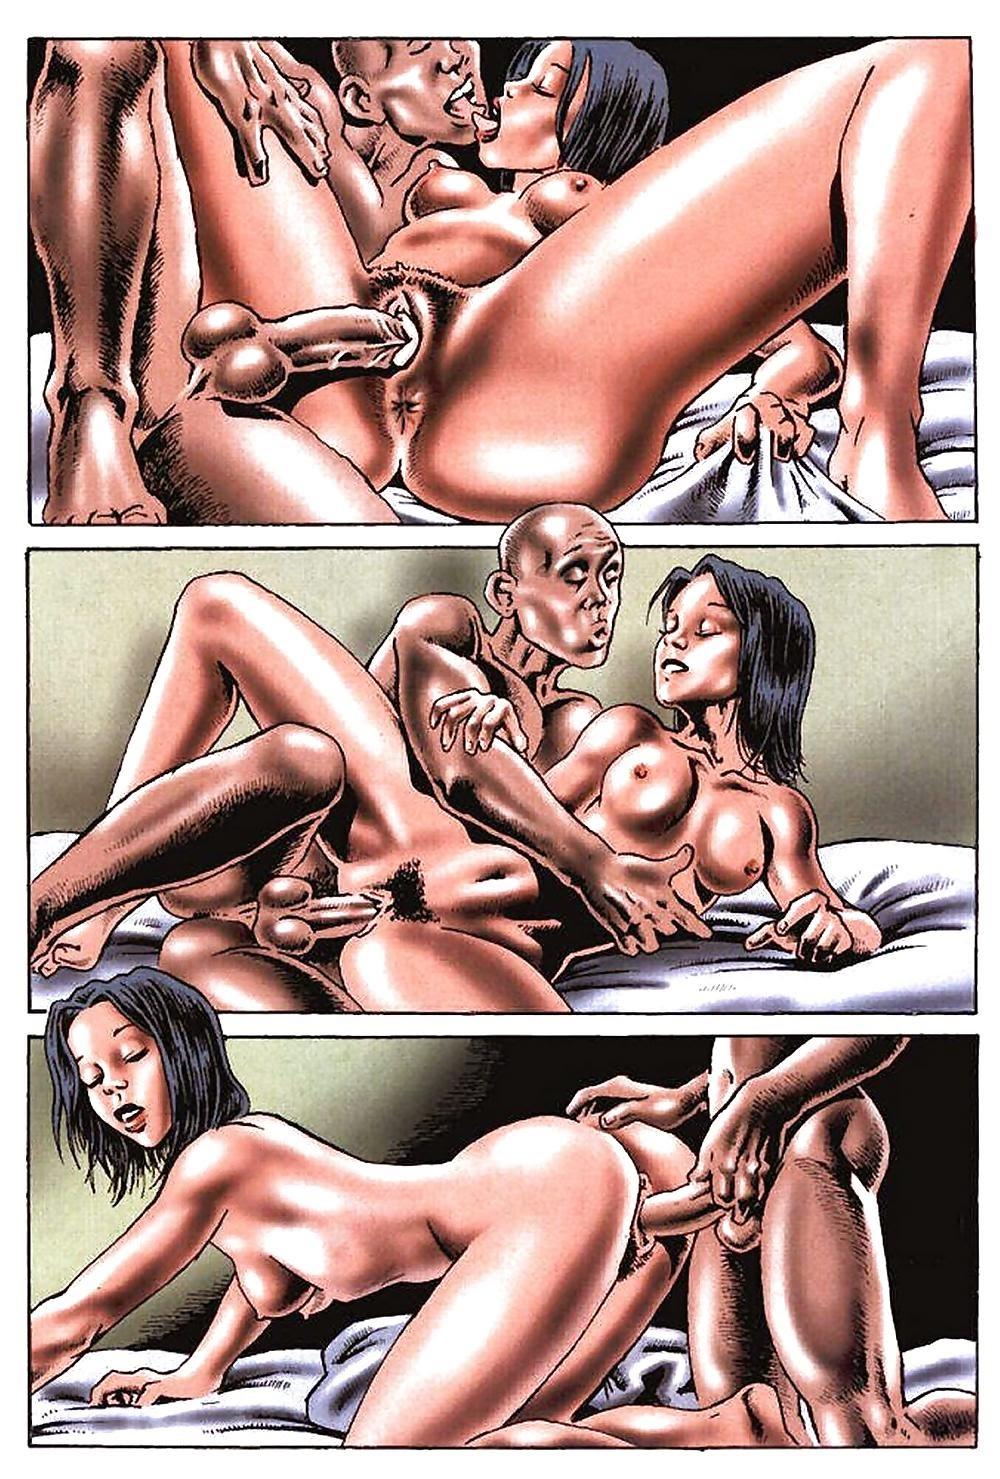 Sexy sex comics